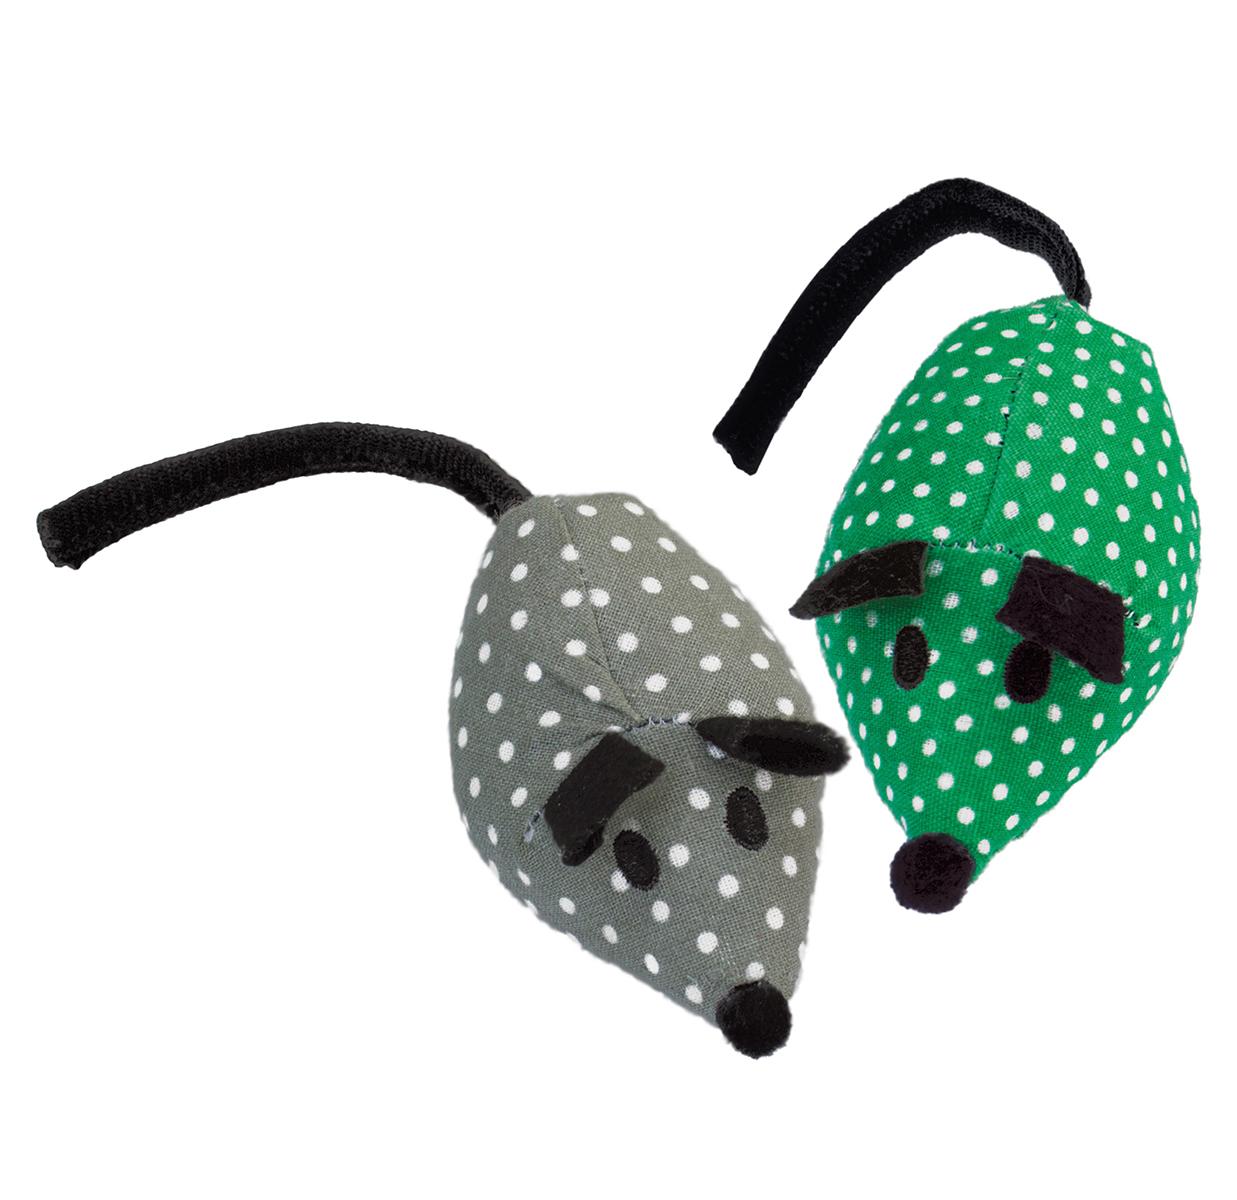 Katten > Speelgoed > Muizen & hengels